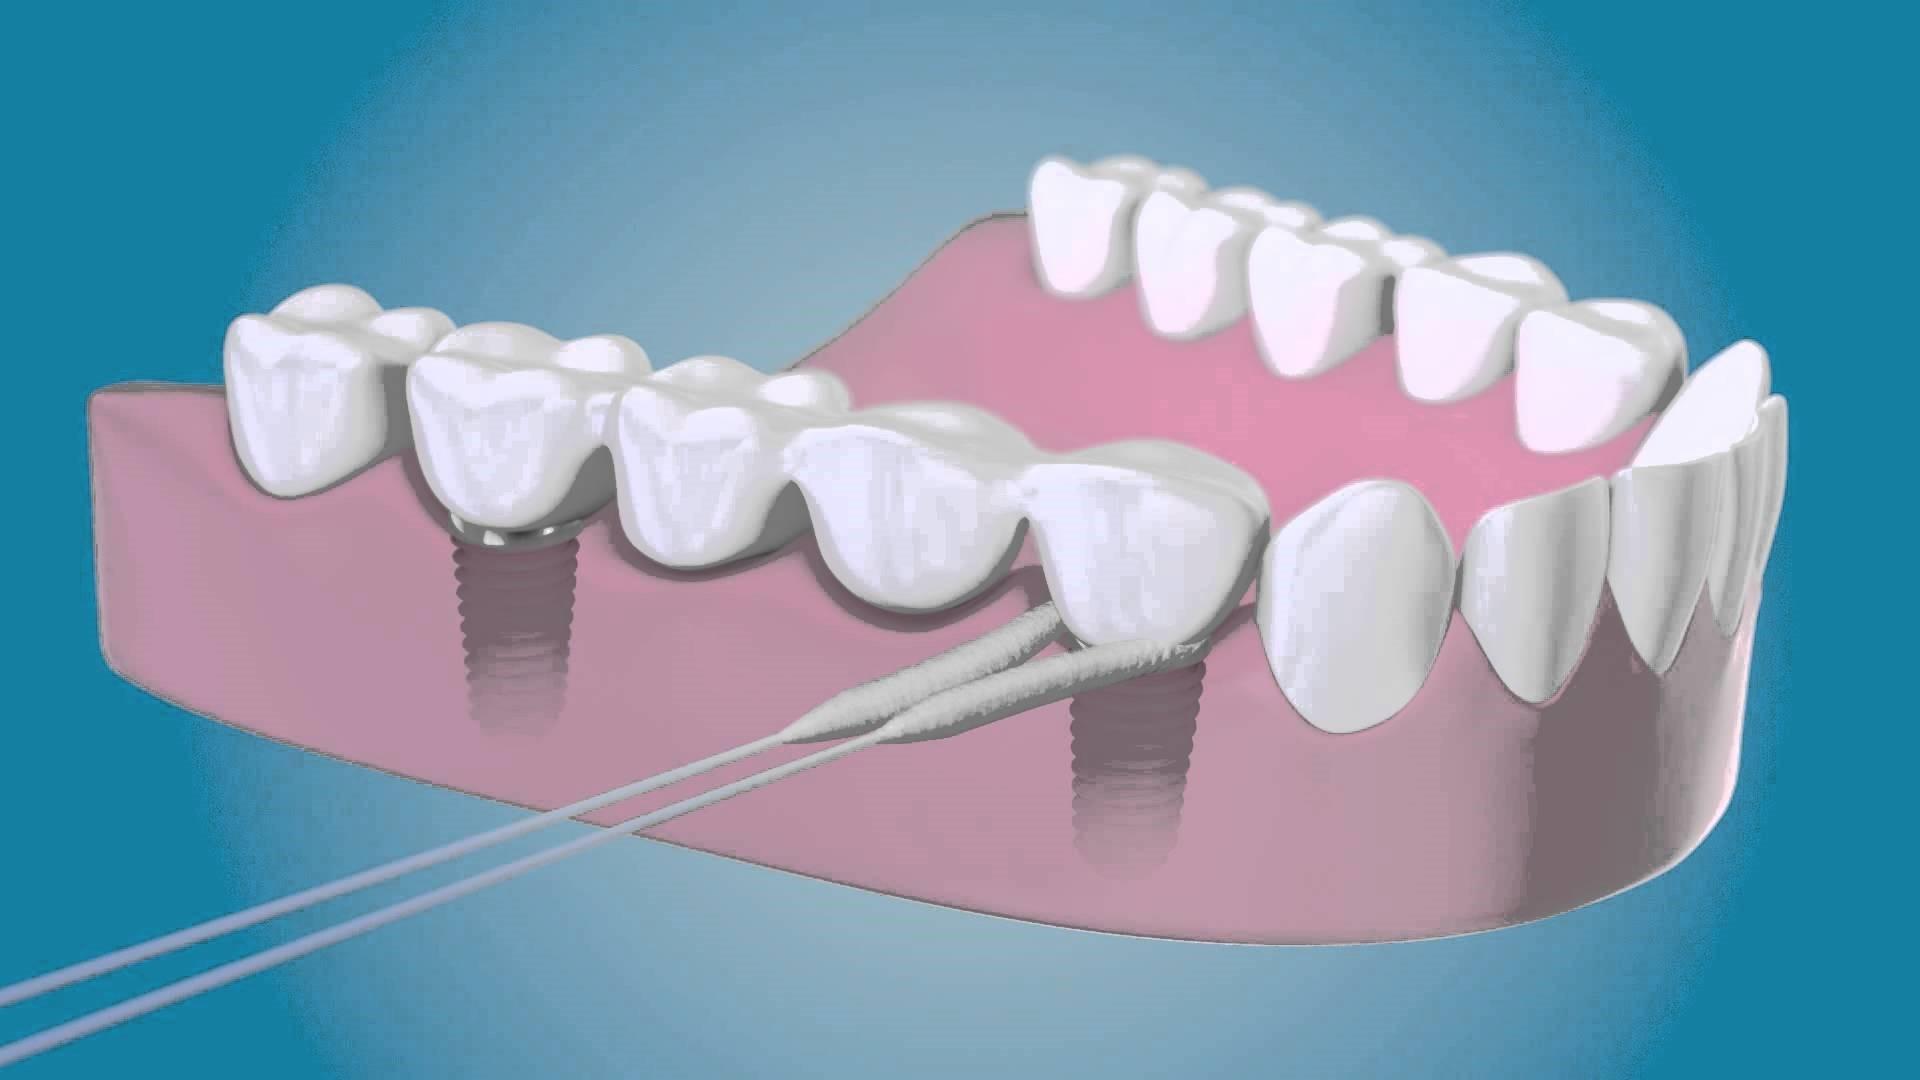 2 7 - نخ دندان و مسواک های بین دندانی ارتودنسی